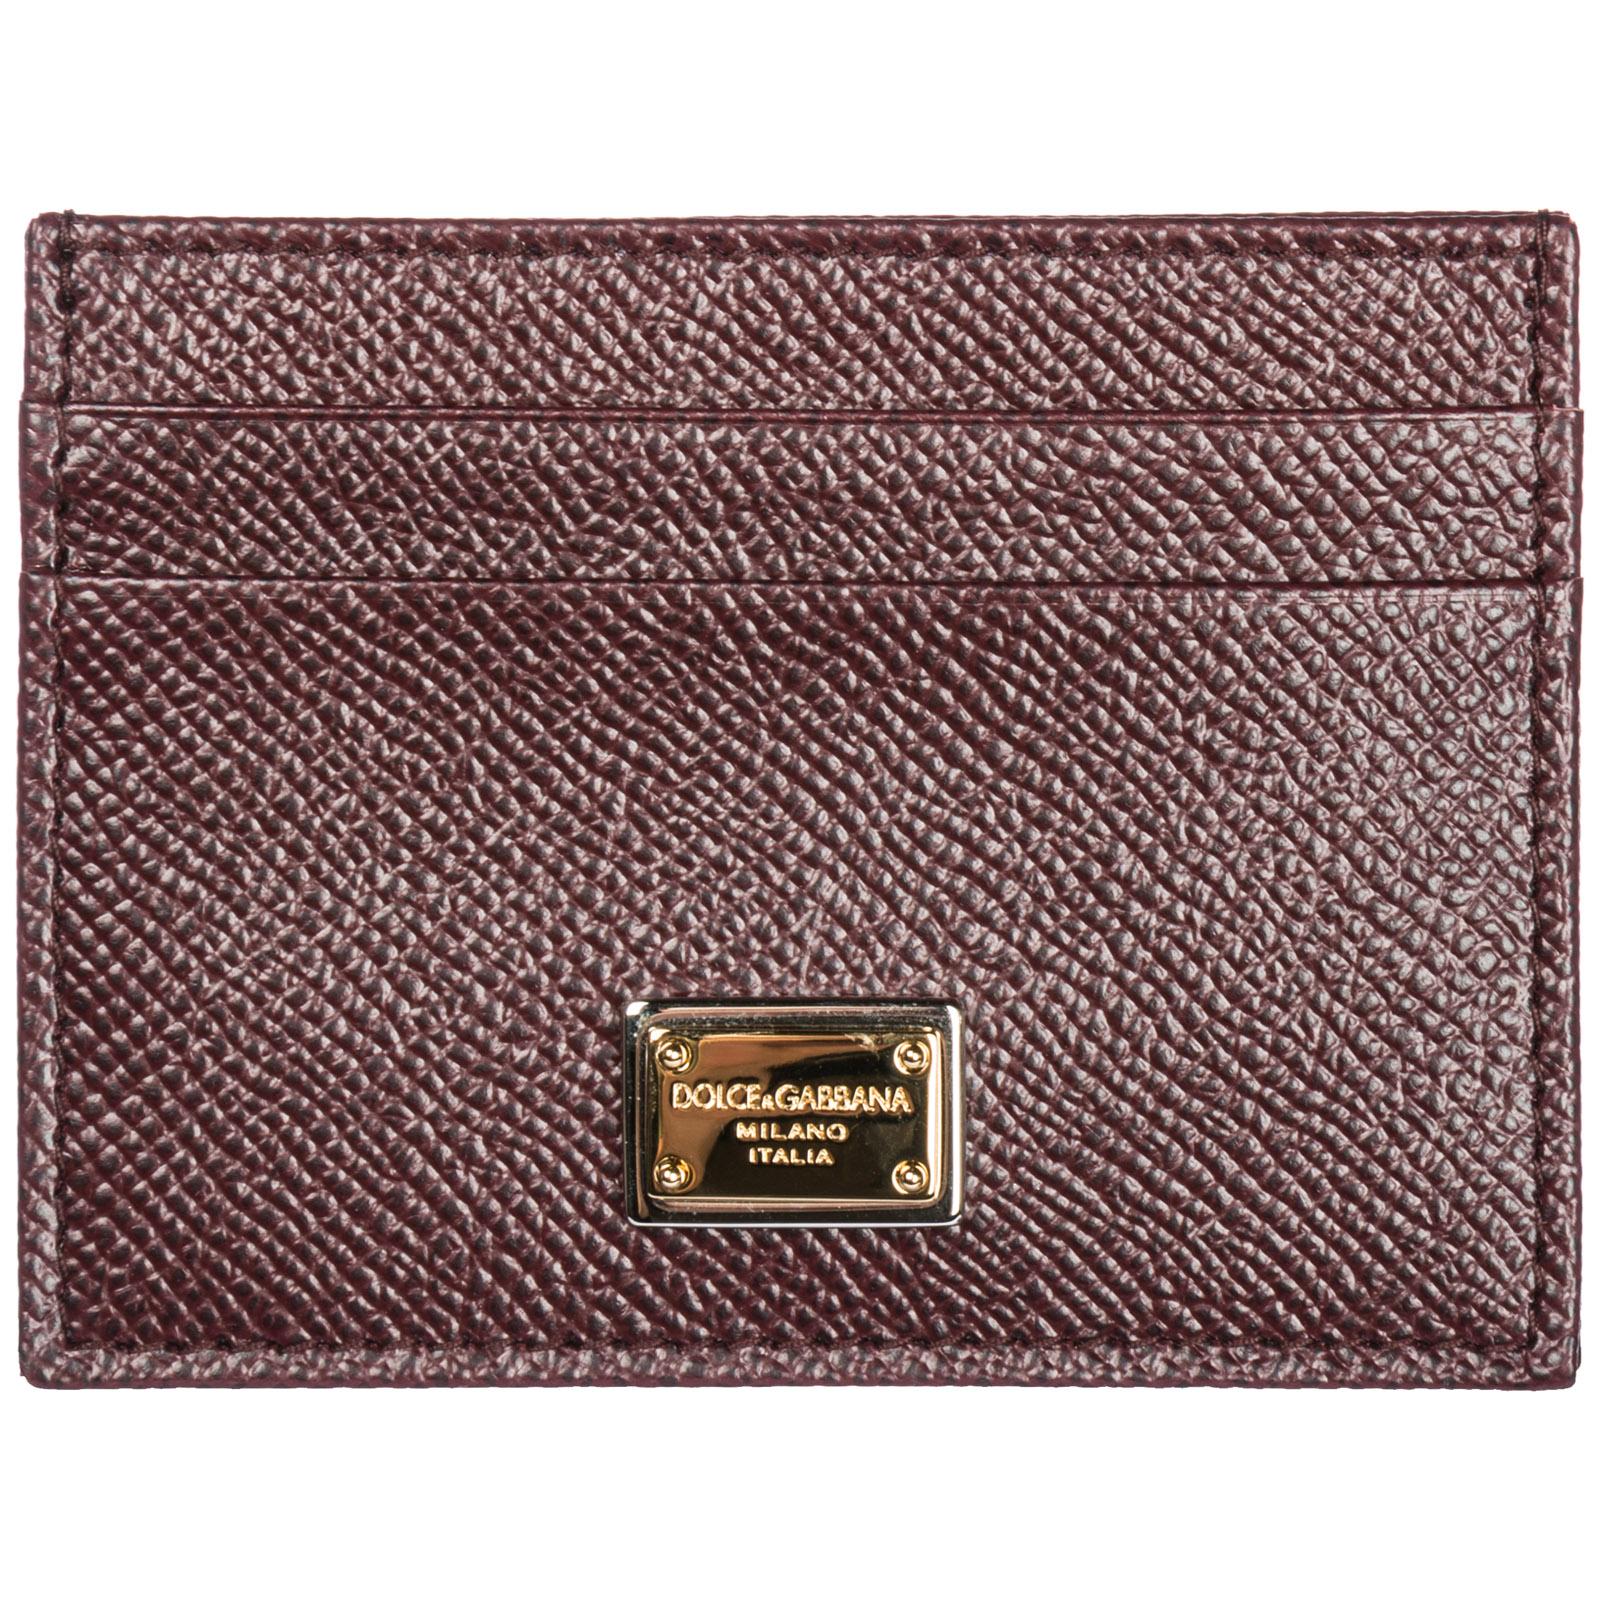 4fab819af3c48 Porta carte di credito Dolce Gabbana BI0330A10018H307 vino